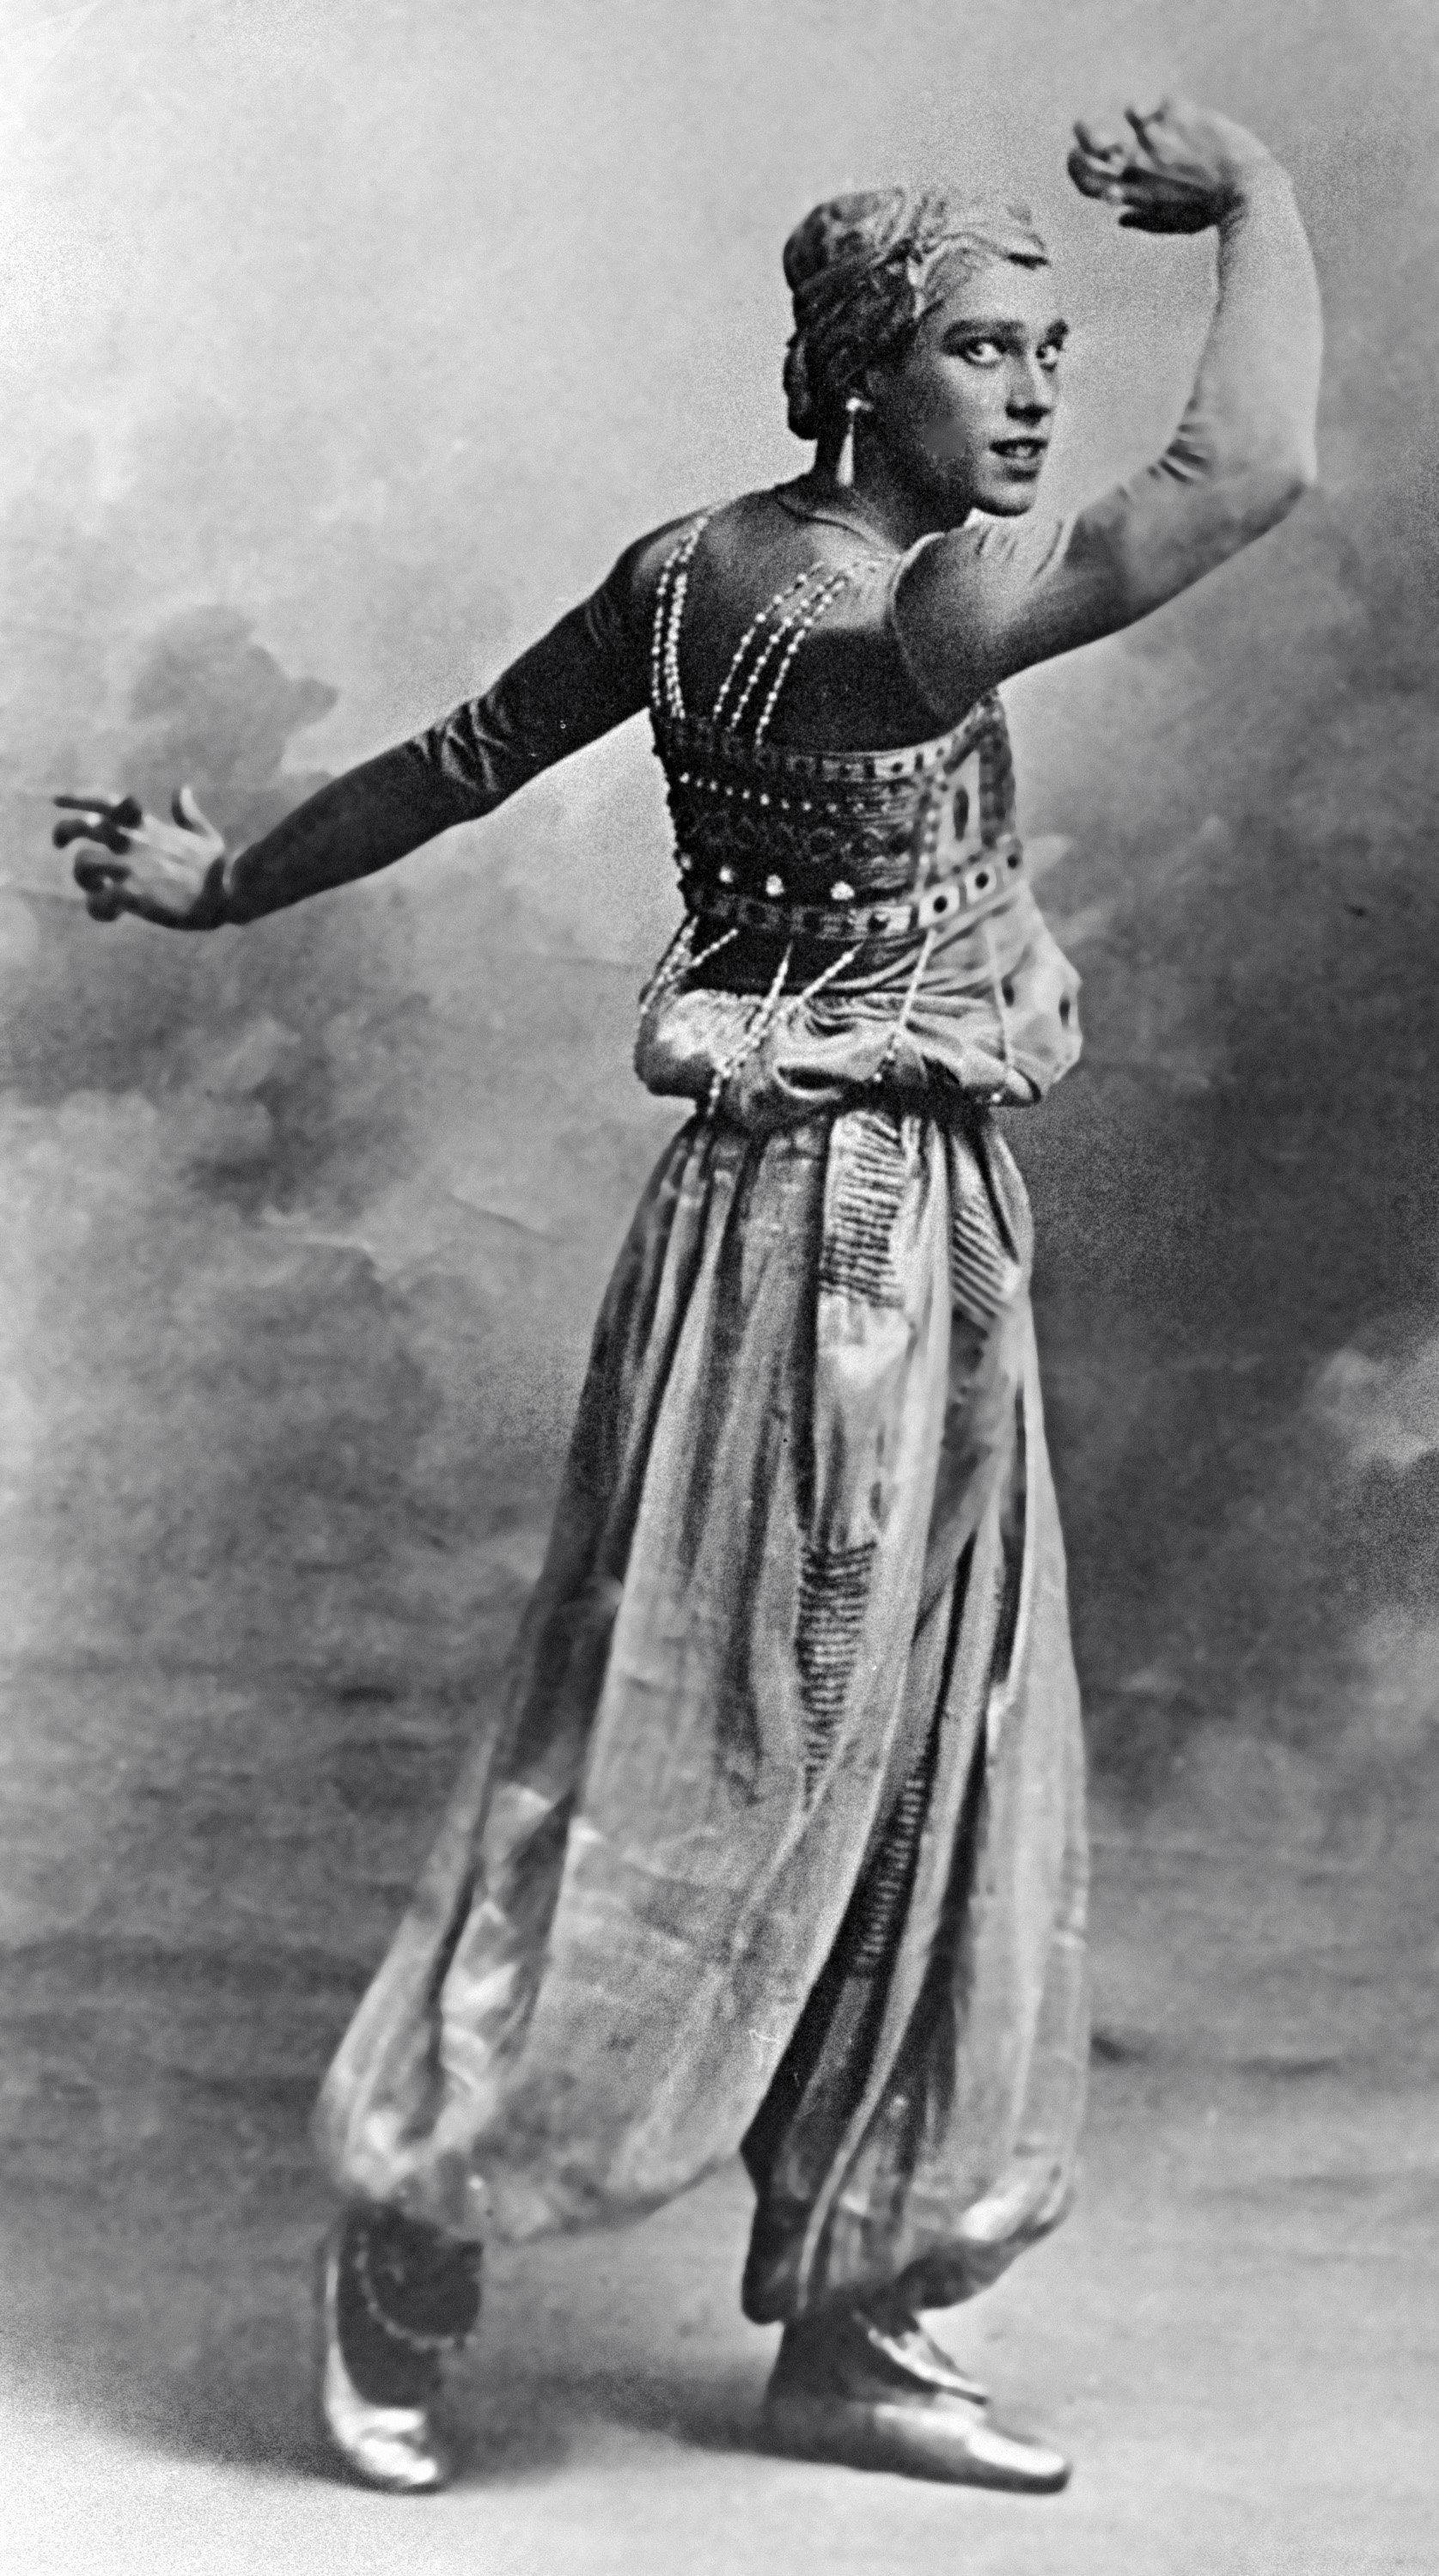 Vaclav Nijinsky, bailarín de 'Les Ballets Russes', interpretando un papel en 'Scheherezade', de Nicolai Rimsky-Korsakov.